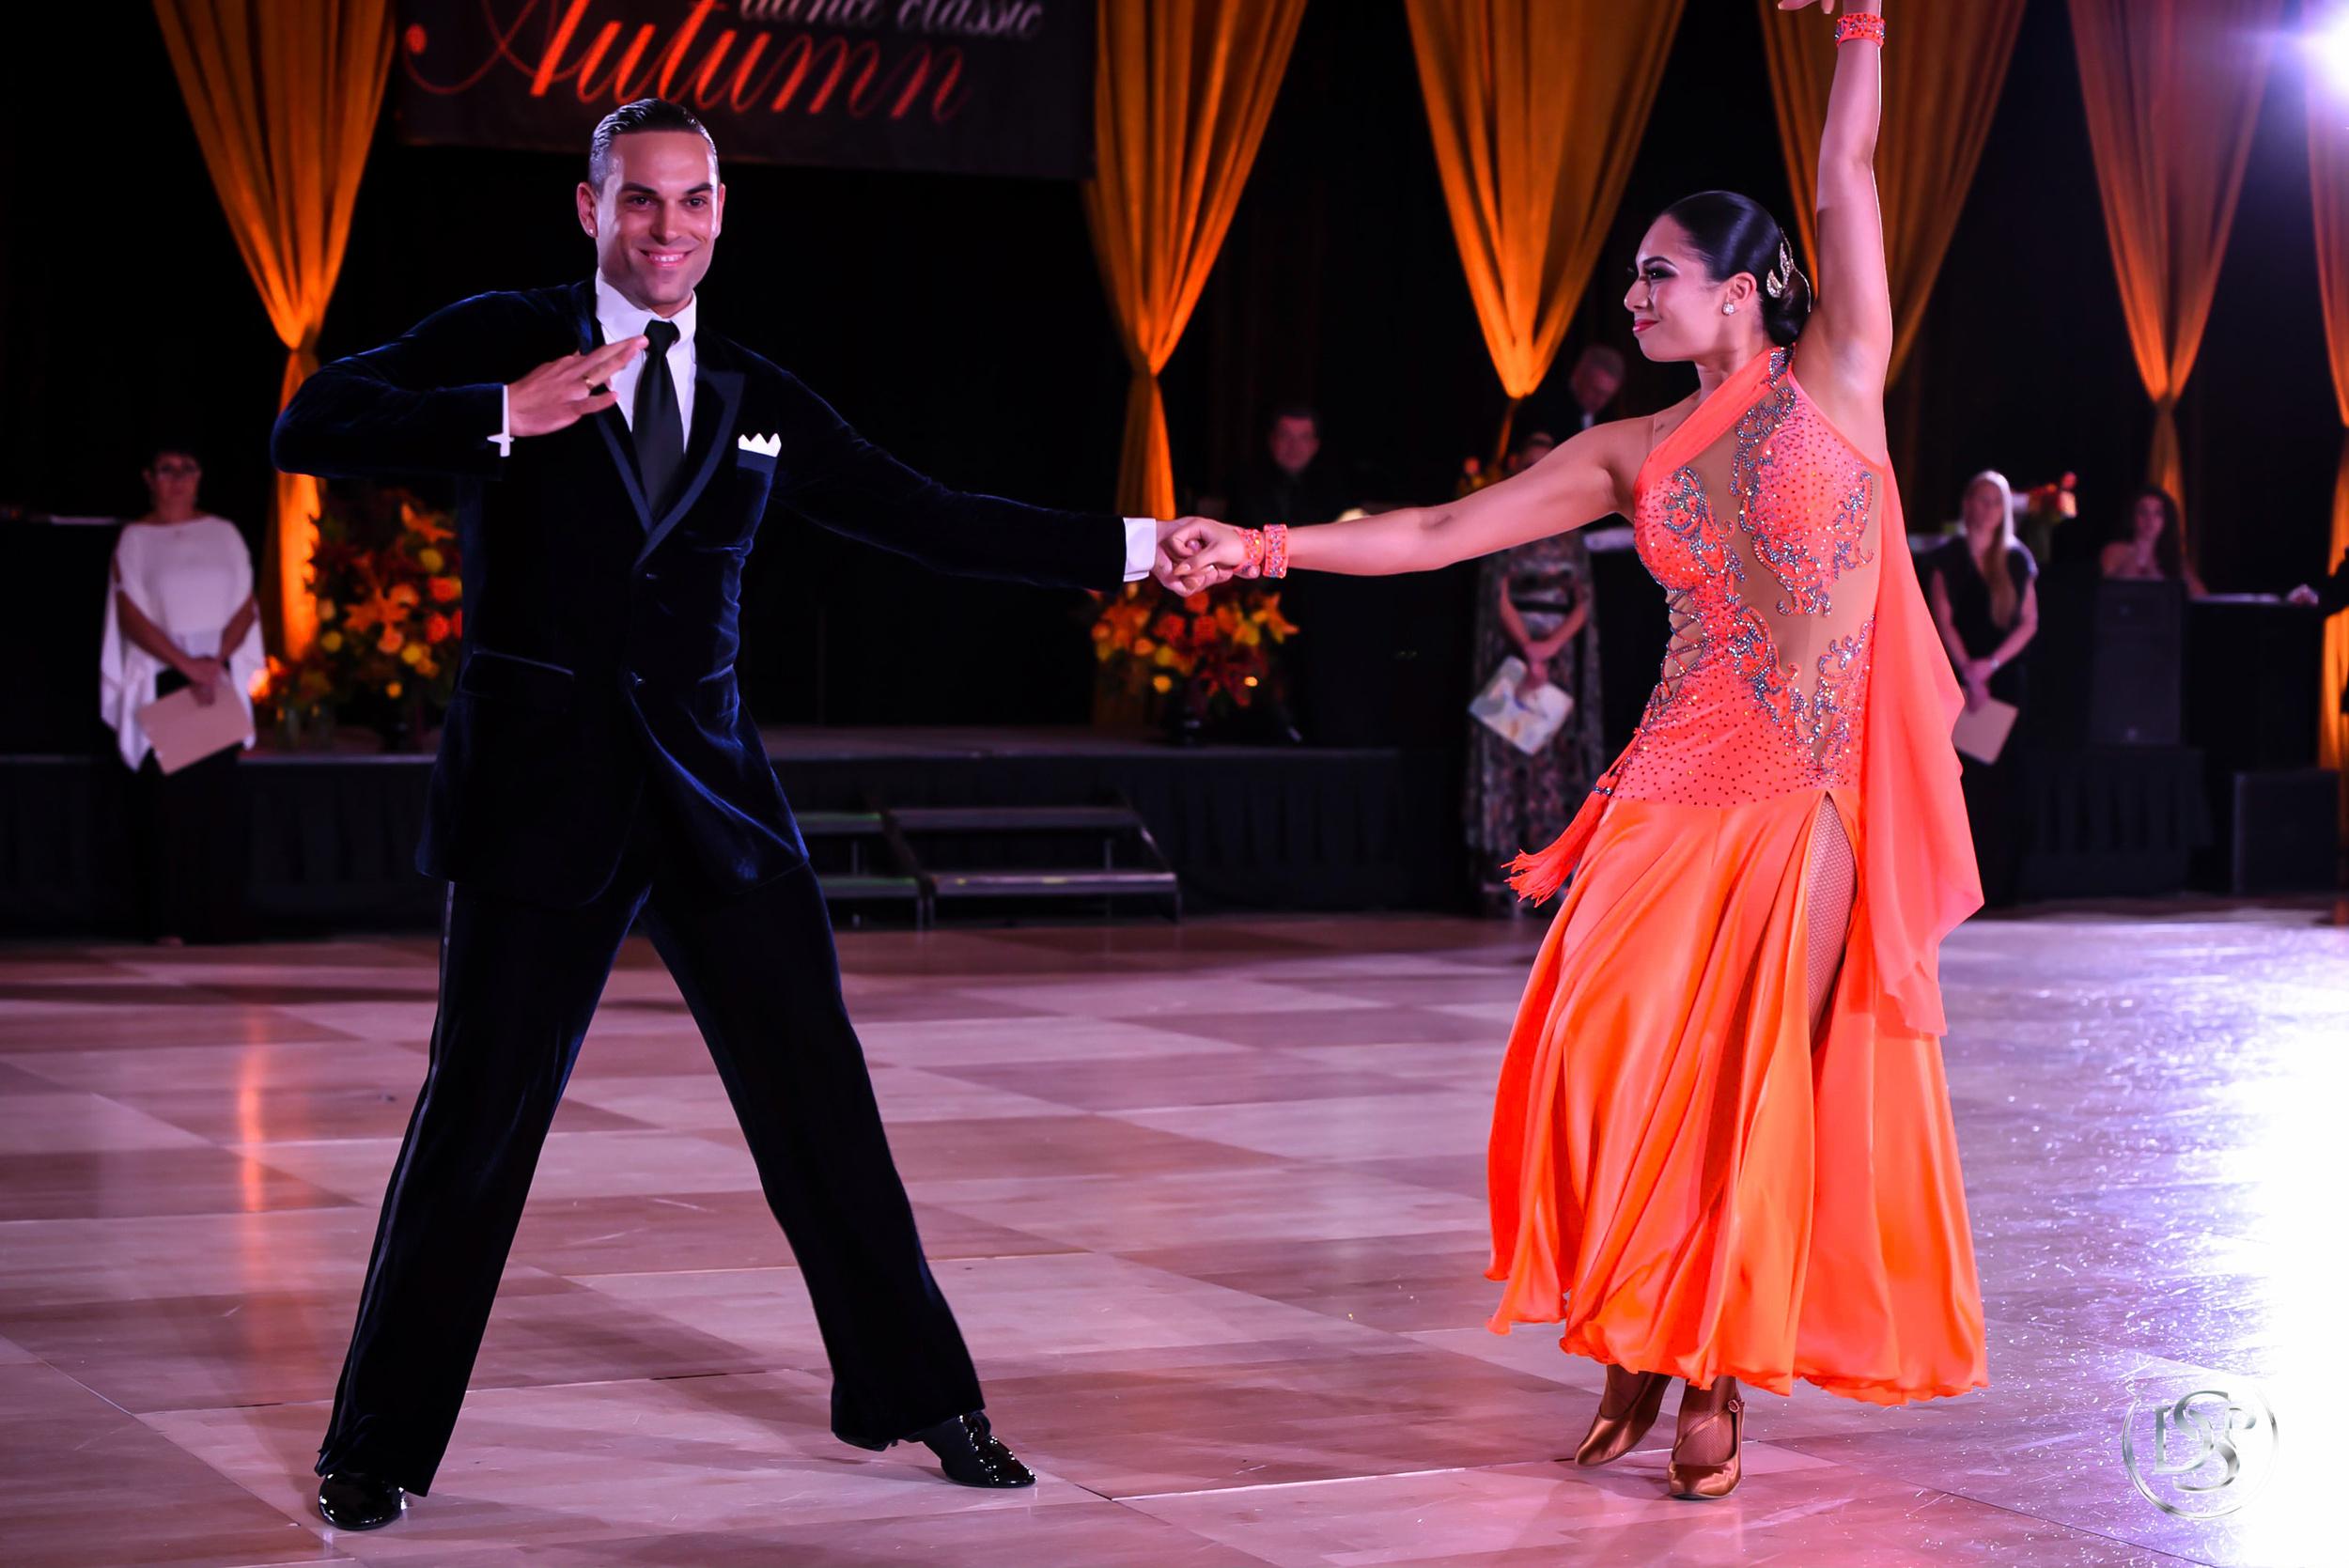 David Estrada & Meagan Mendoza